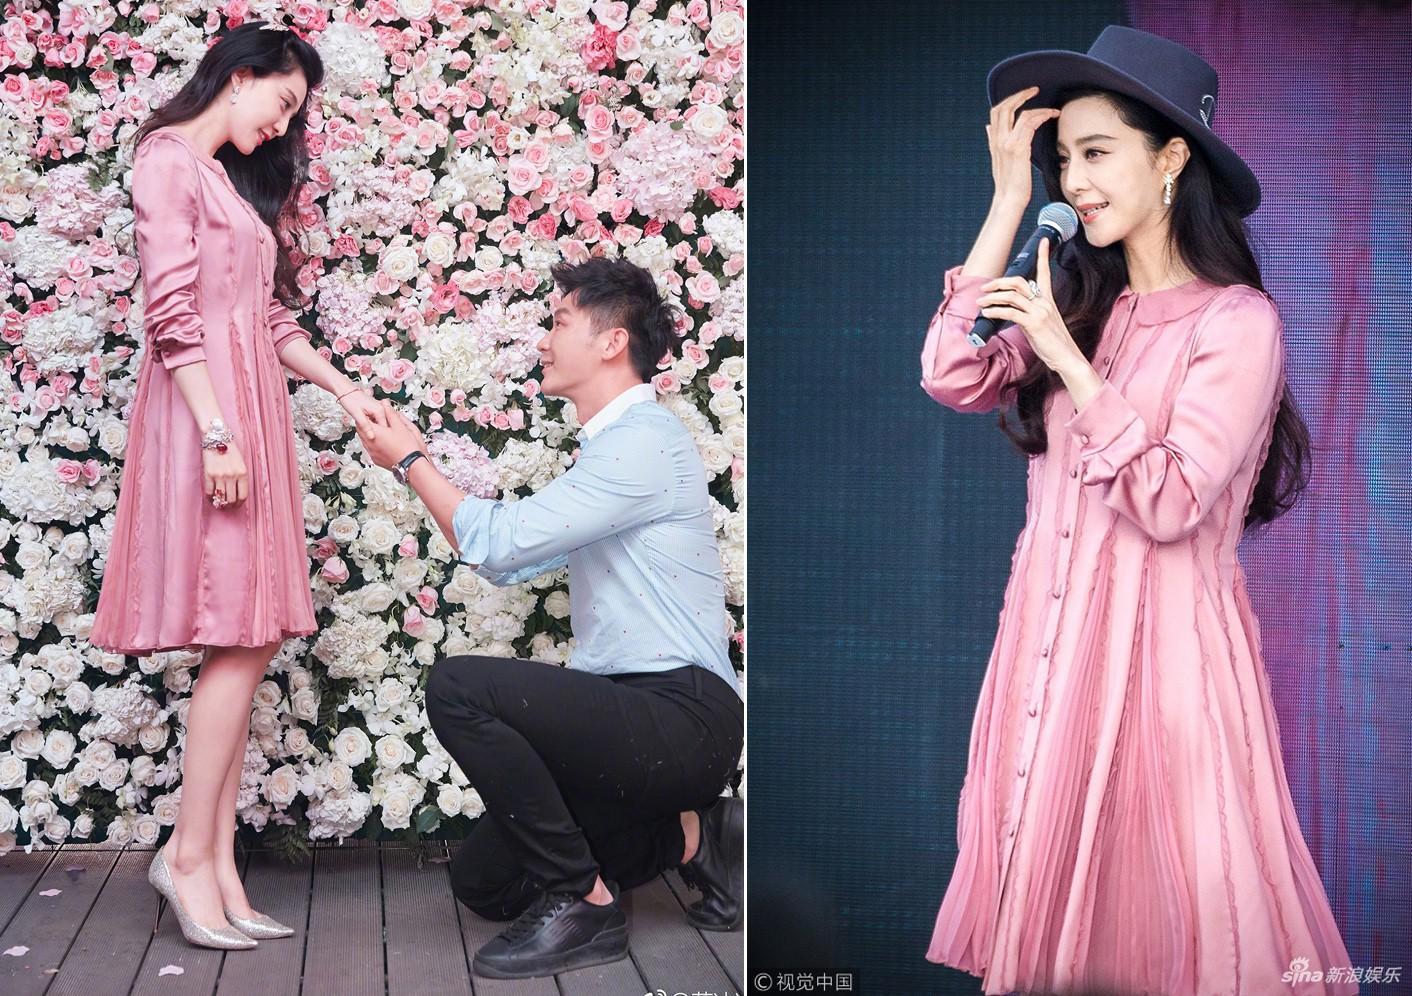 Giàu nứt đố đổ vách nhưng Phạm Băng Băng, Angela Baby, Song Hye Kyo rất hay mặc lại đồ cũ - Ảnh 2.